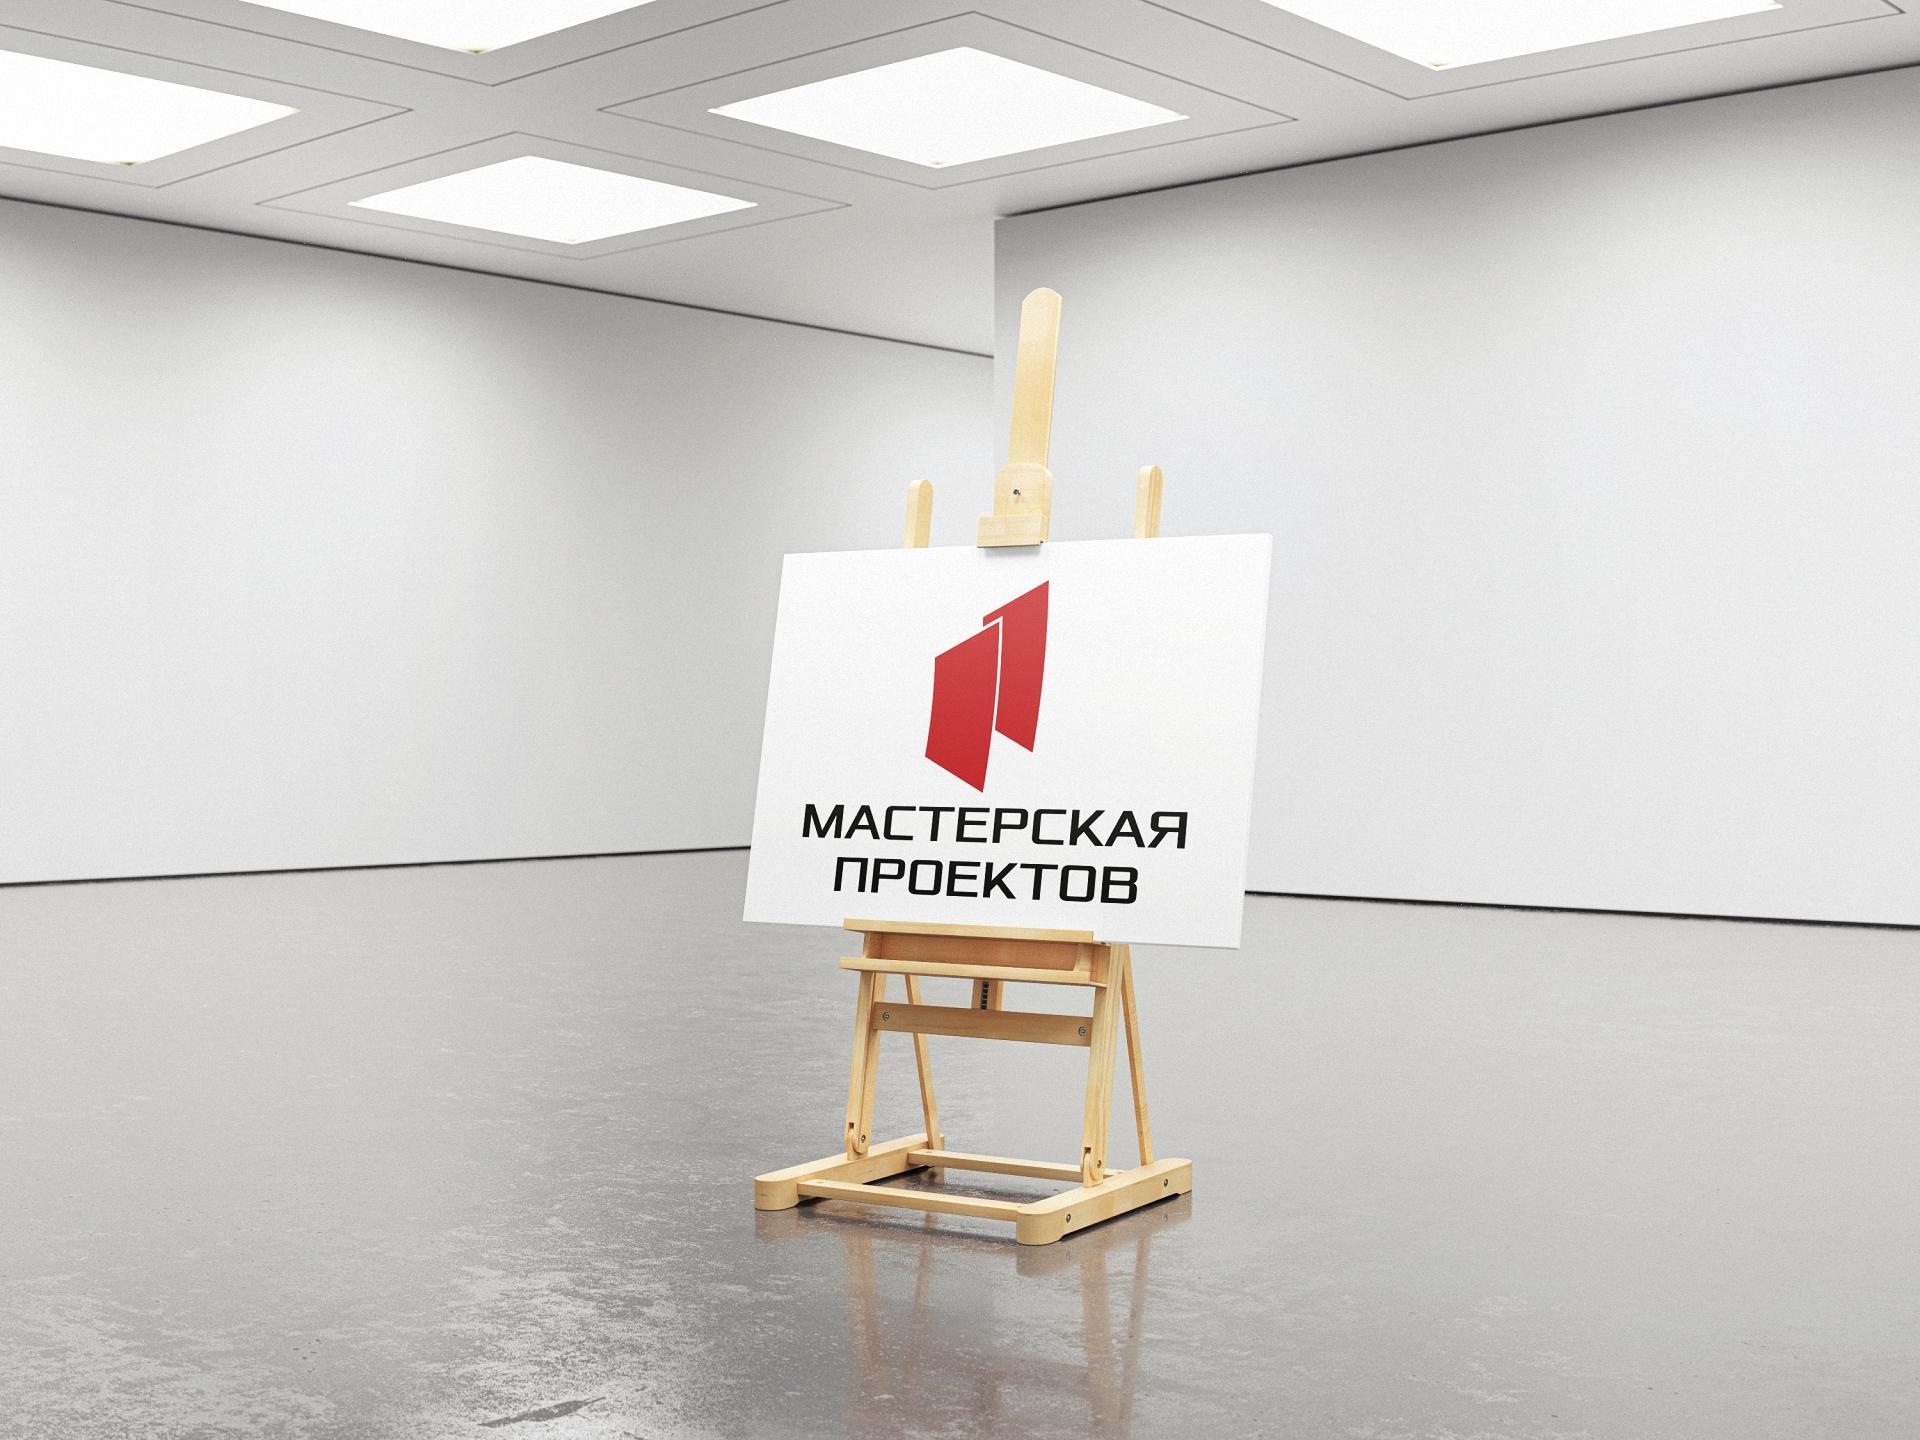 Разработка логотипа строительно-мебельного проекта (см. опис фото f_51060796875c1e8f.jpg